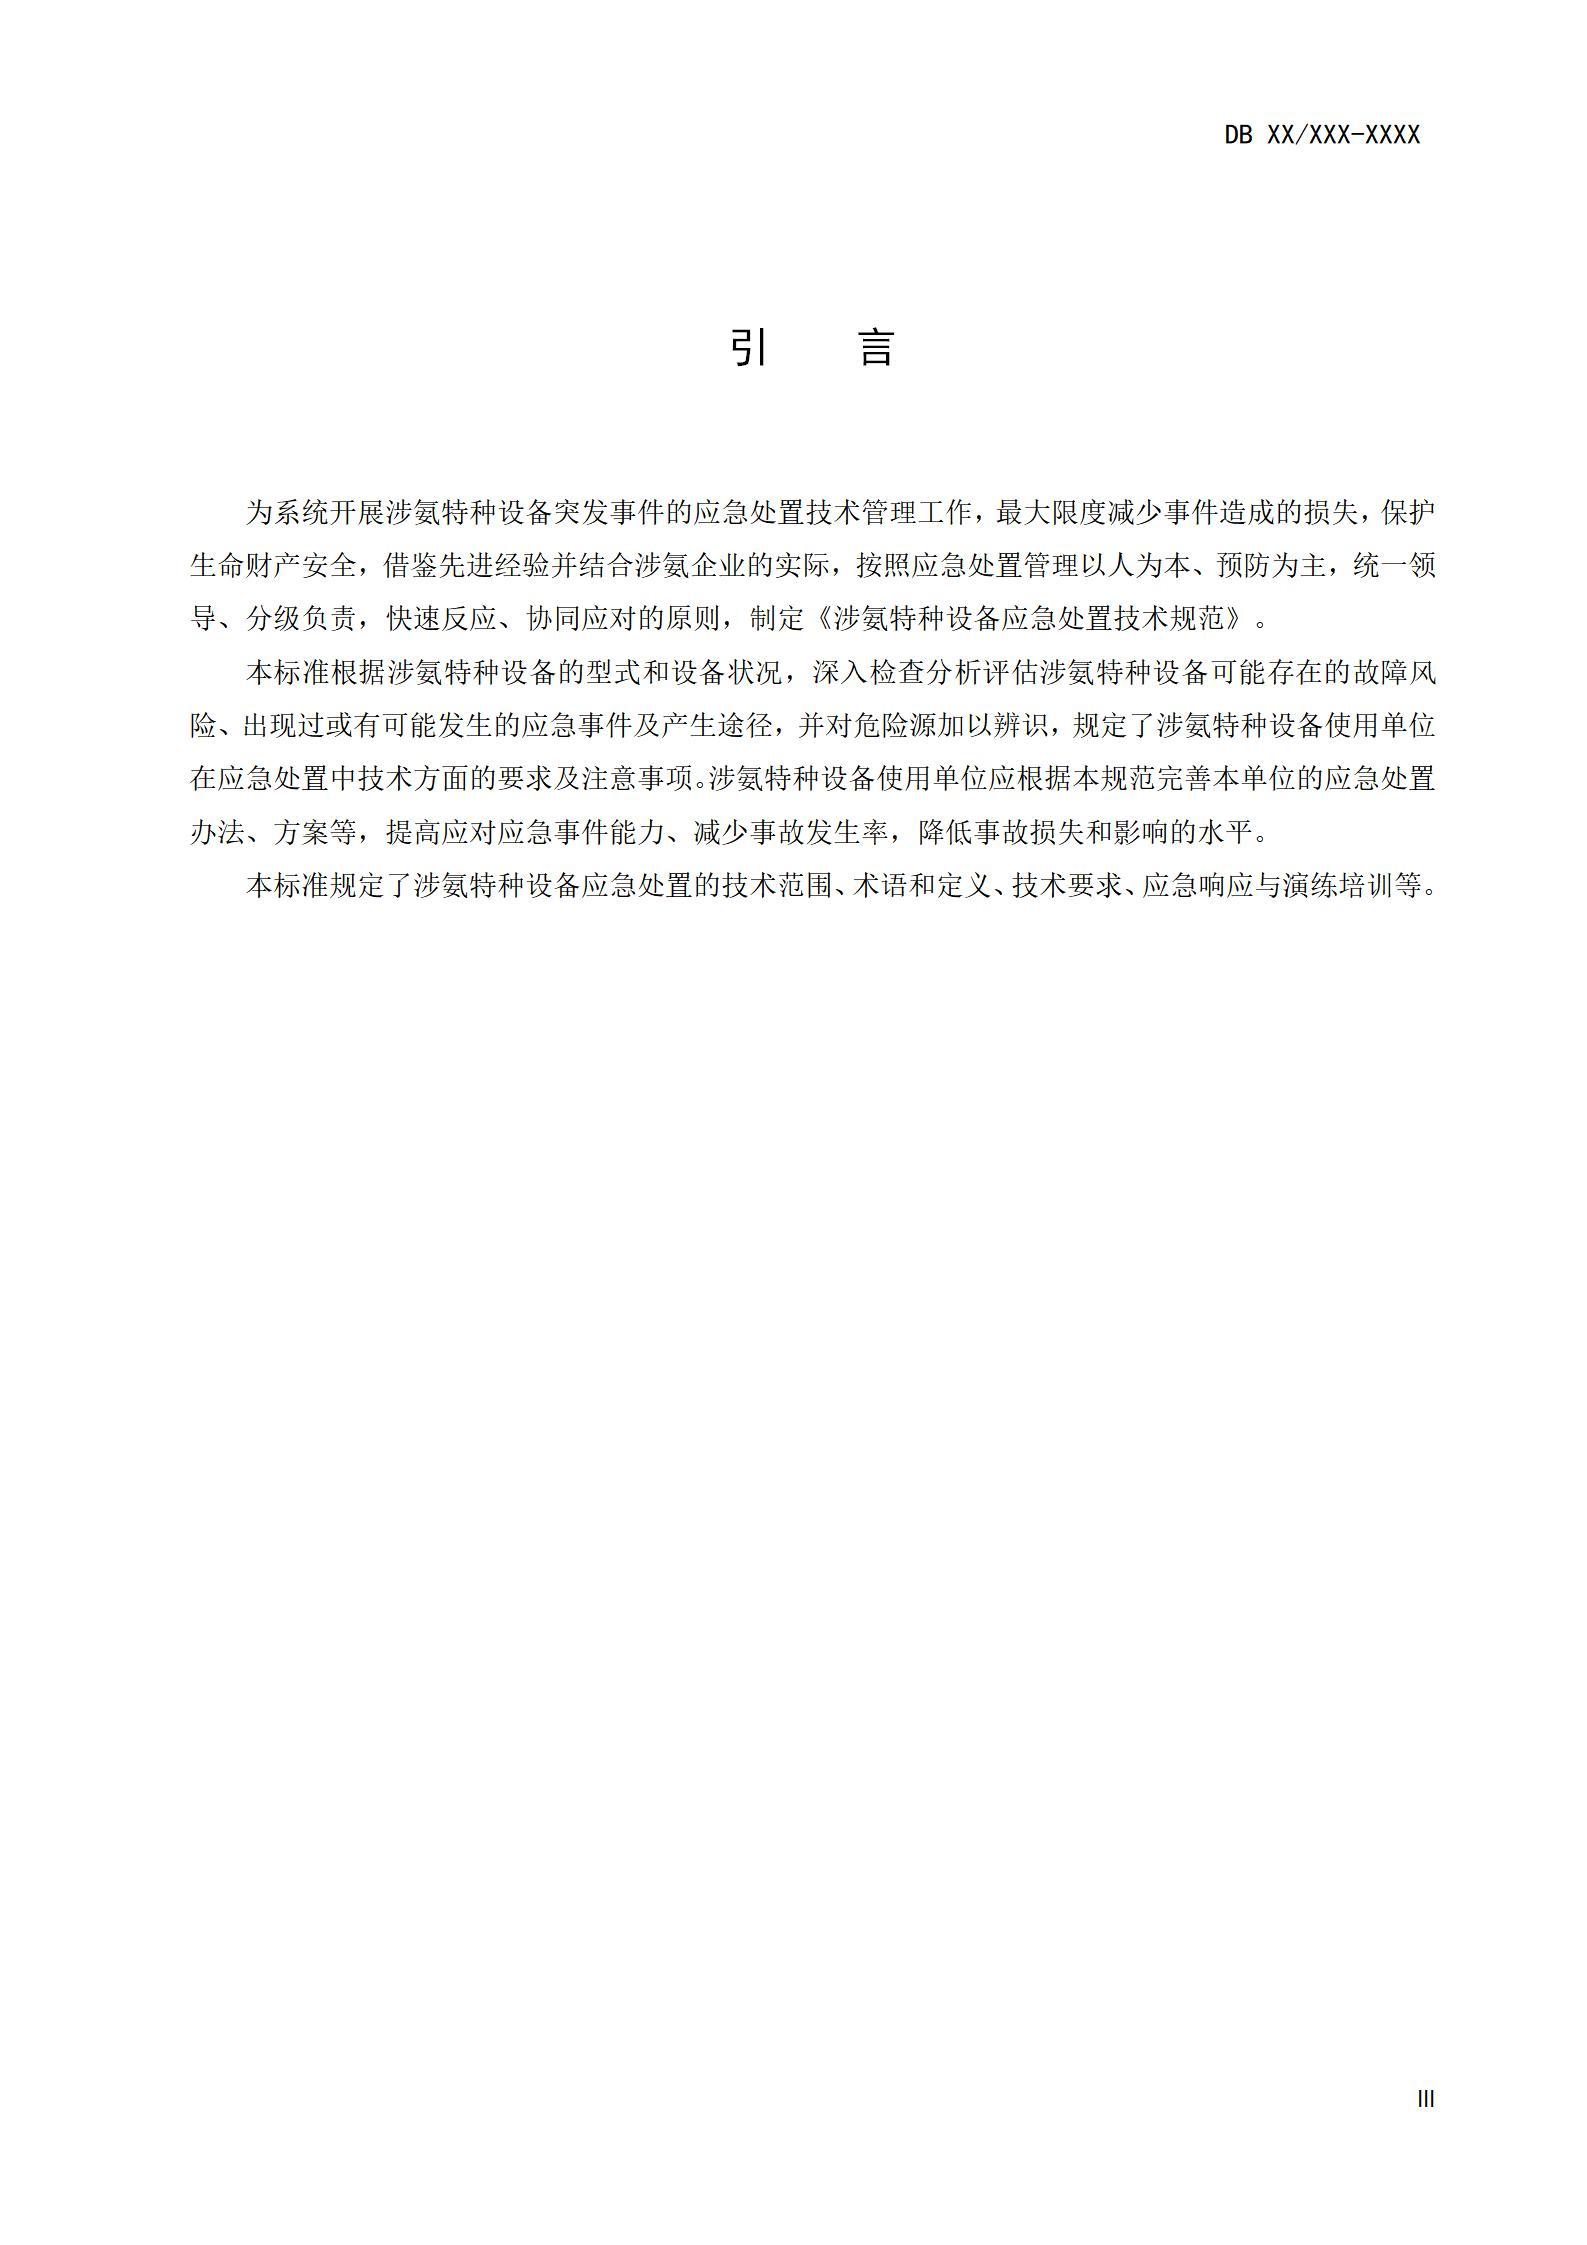 涉氨特种设备应急处置技术规范(修订)(1)_05.jpg